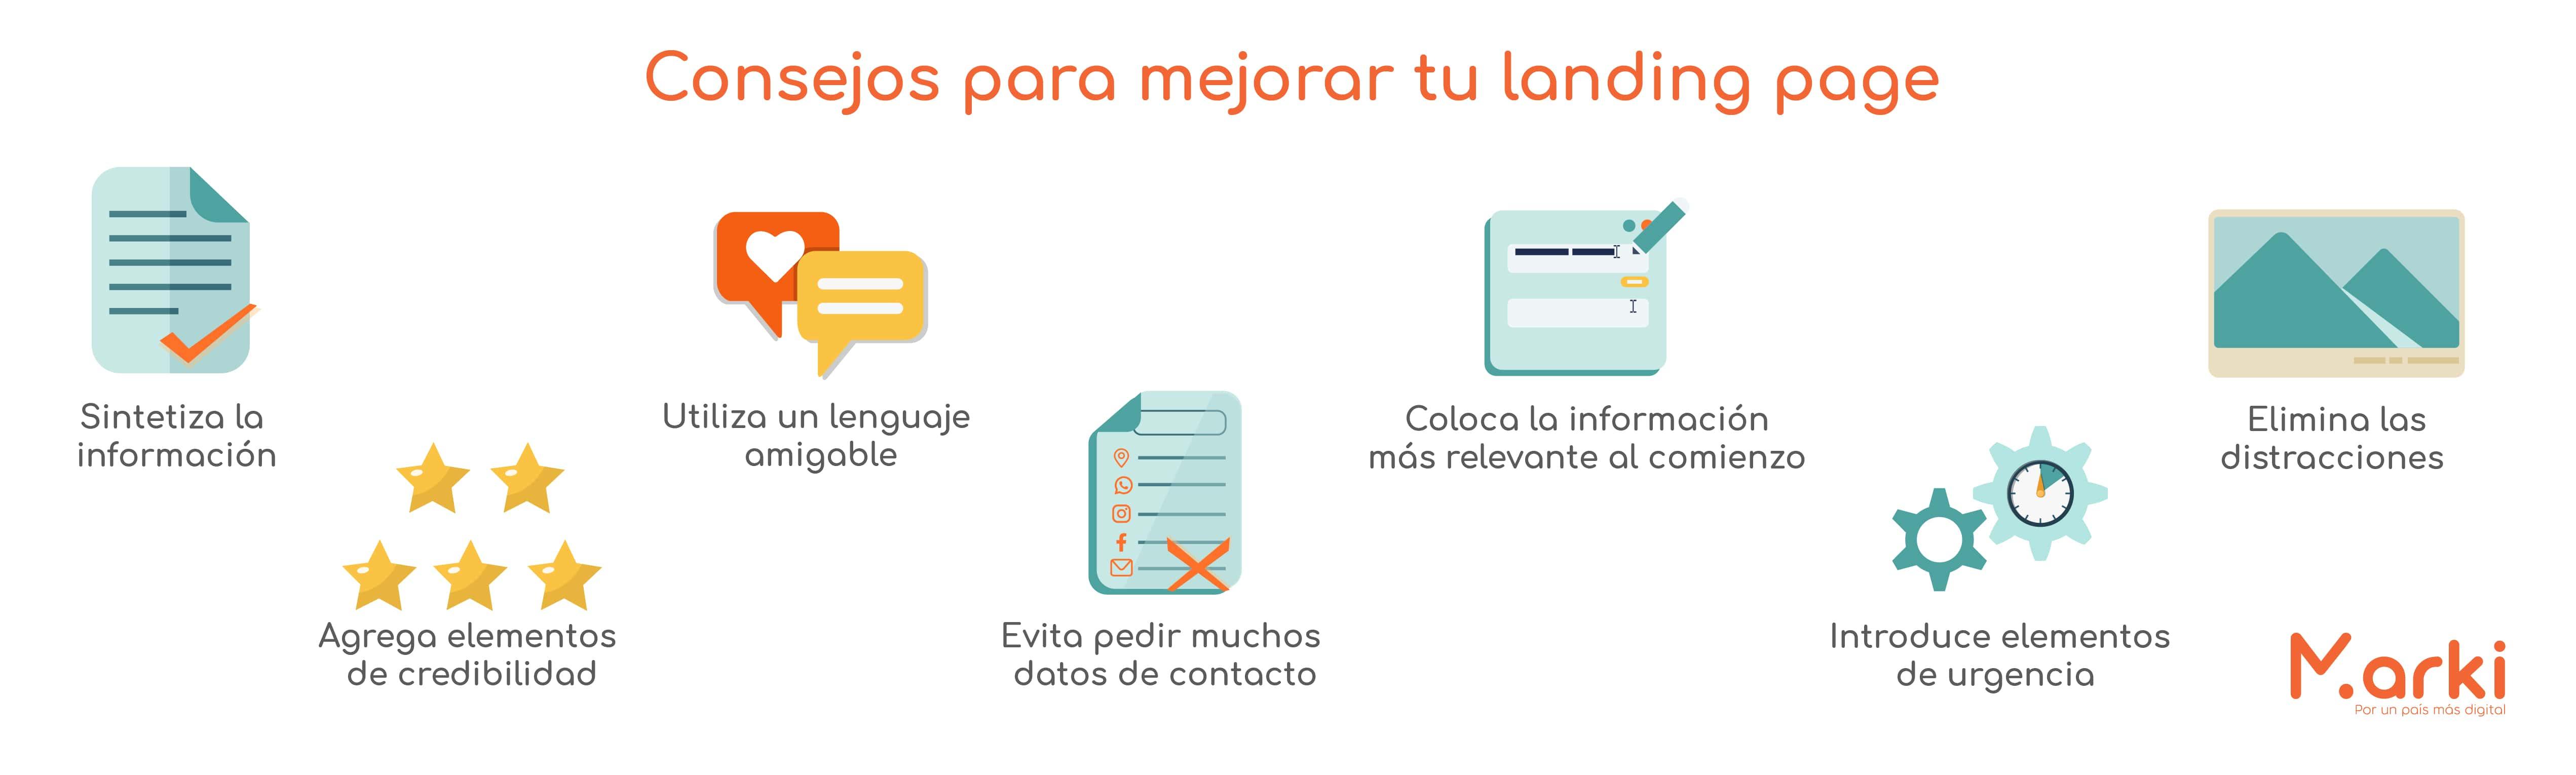 consejos para mejorar tu landing page landing page marki que es una landing page y para que sirve landing page para que sirve diferencias entre landing page y sitio web que es una landing page diseño marki